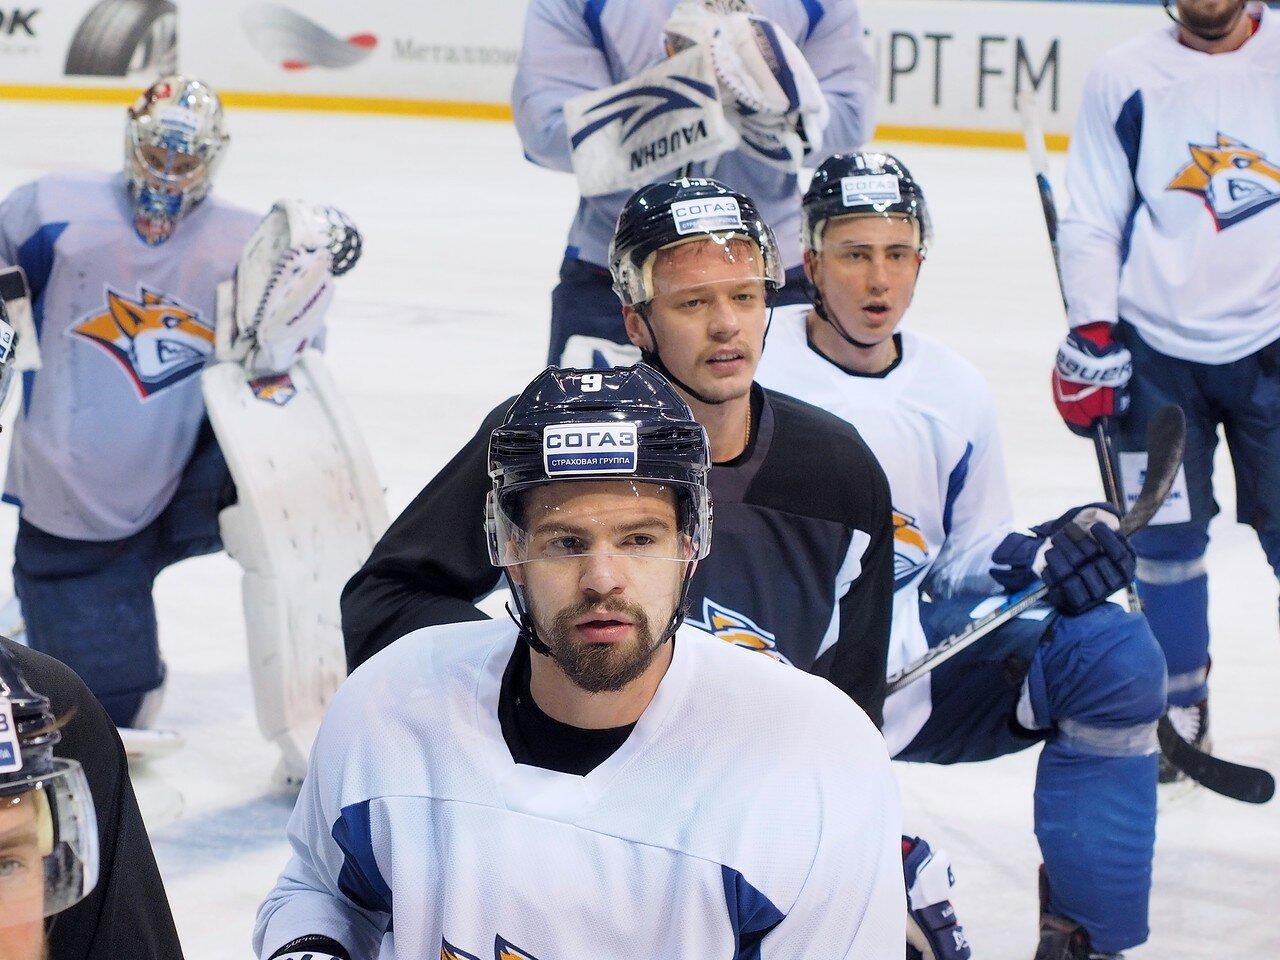 43 Открытая тренировка перед финалом плей-офф восточной конференции КХЛ 2017 22.03.2017